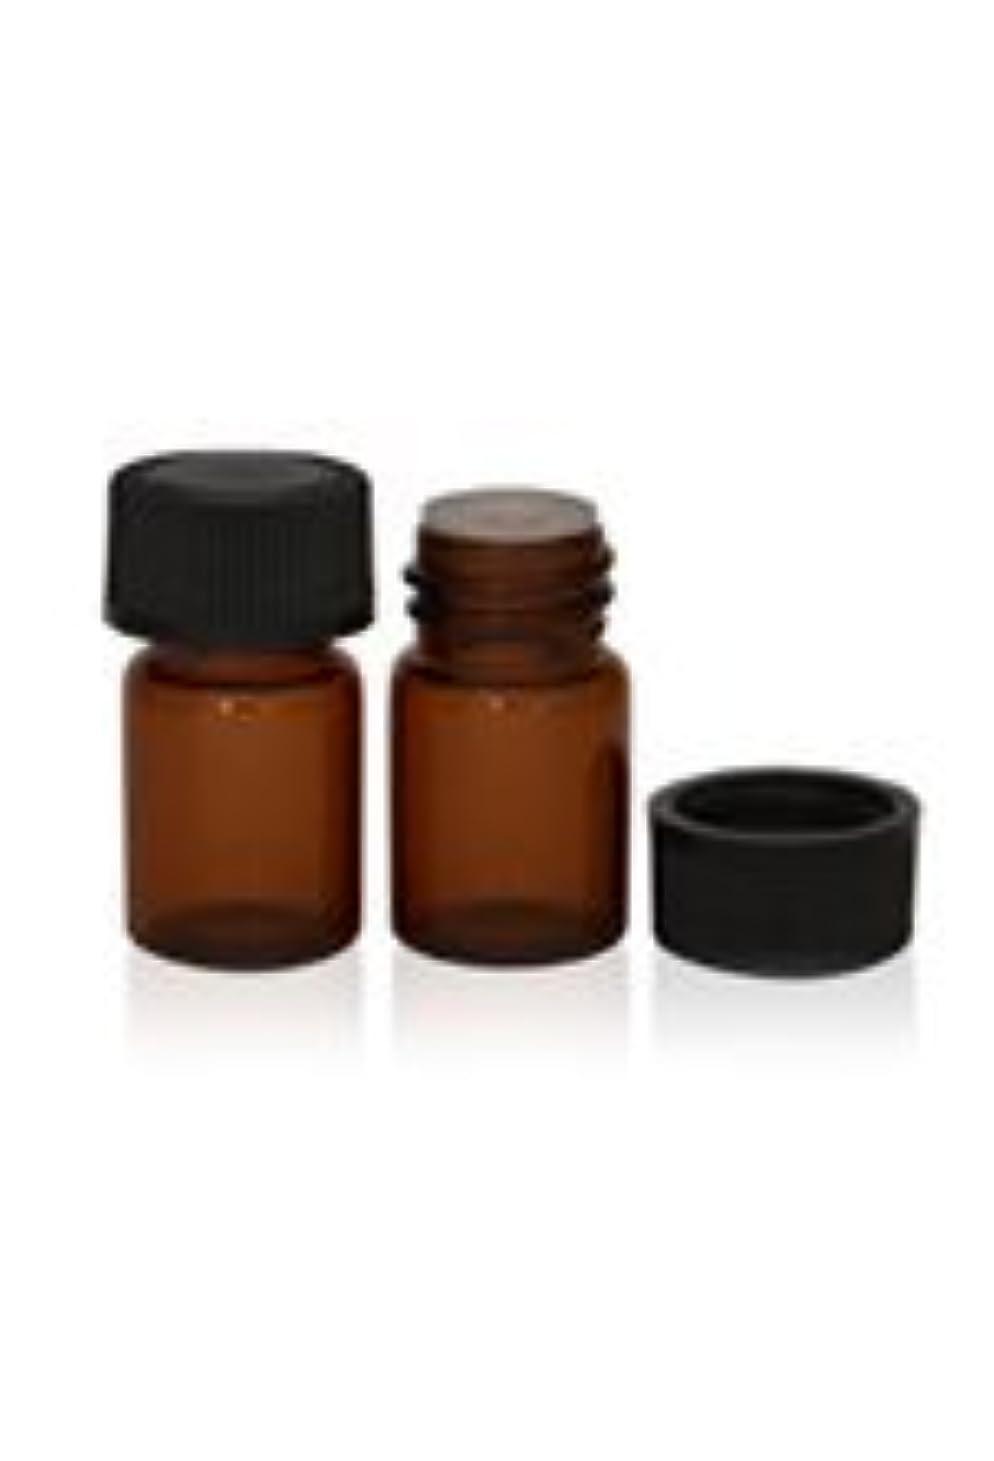 良性パネル投資doTERRAドテラ ミニ ボトル ミニボトル 2ml 24本 精油 エッセンシャルオイル 遮光ビン